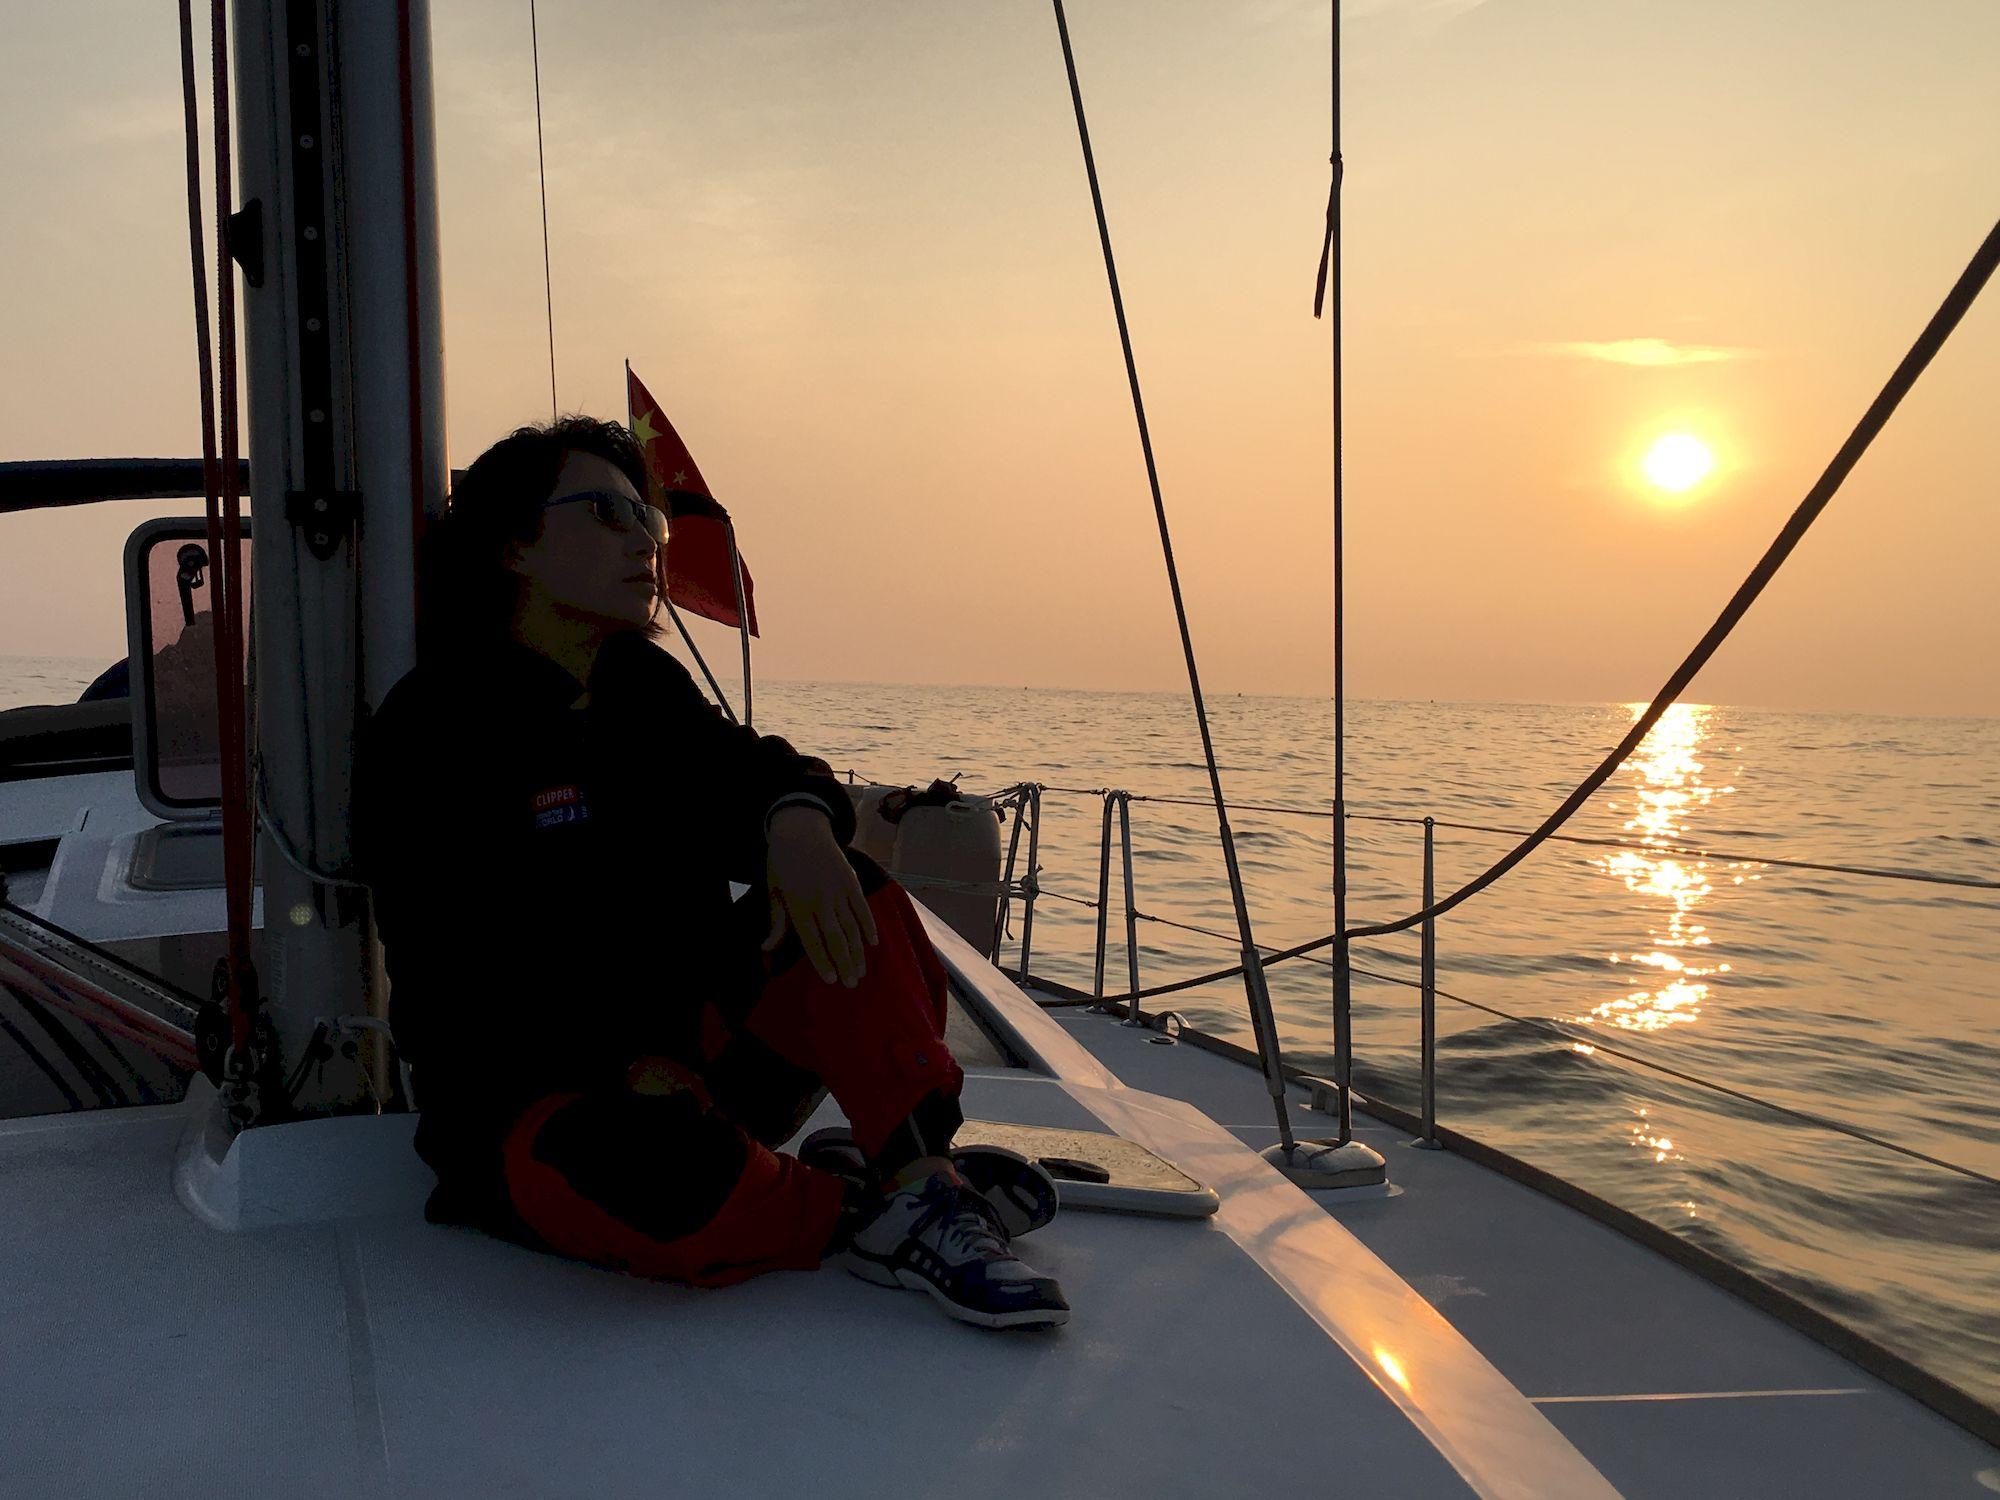 新西兰,跆拳道,俱乐部,拉力赛,青岛 向着太阳升起的地方出发:记第一次跨国远航-千航帆船-51航海网队-2016威海仁川 022-IMG_3077_千帆俱乐部我要航海网帆船队-2016威海-仁川国际帆船赛.JPG